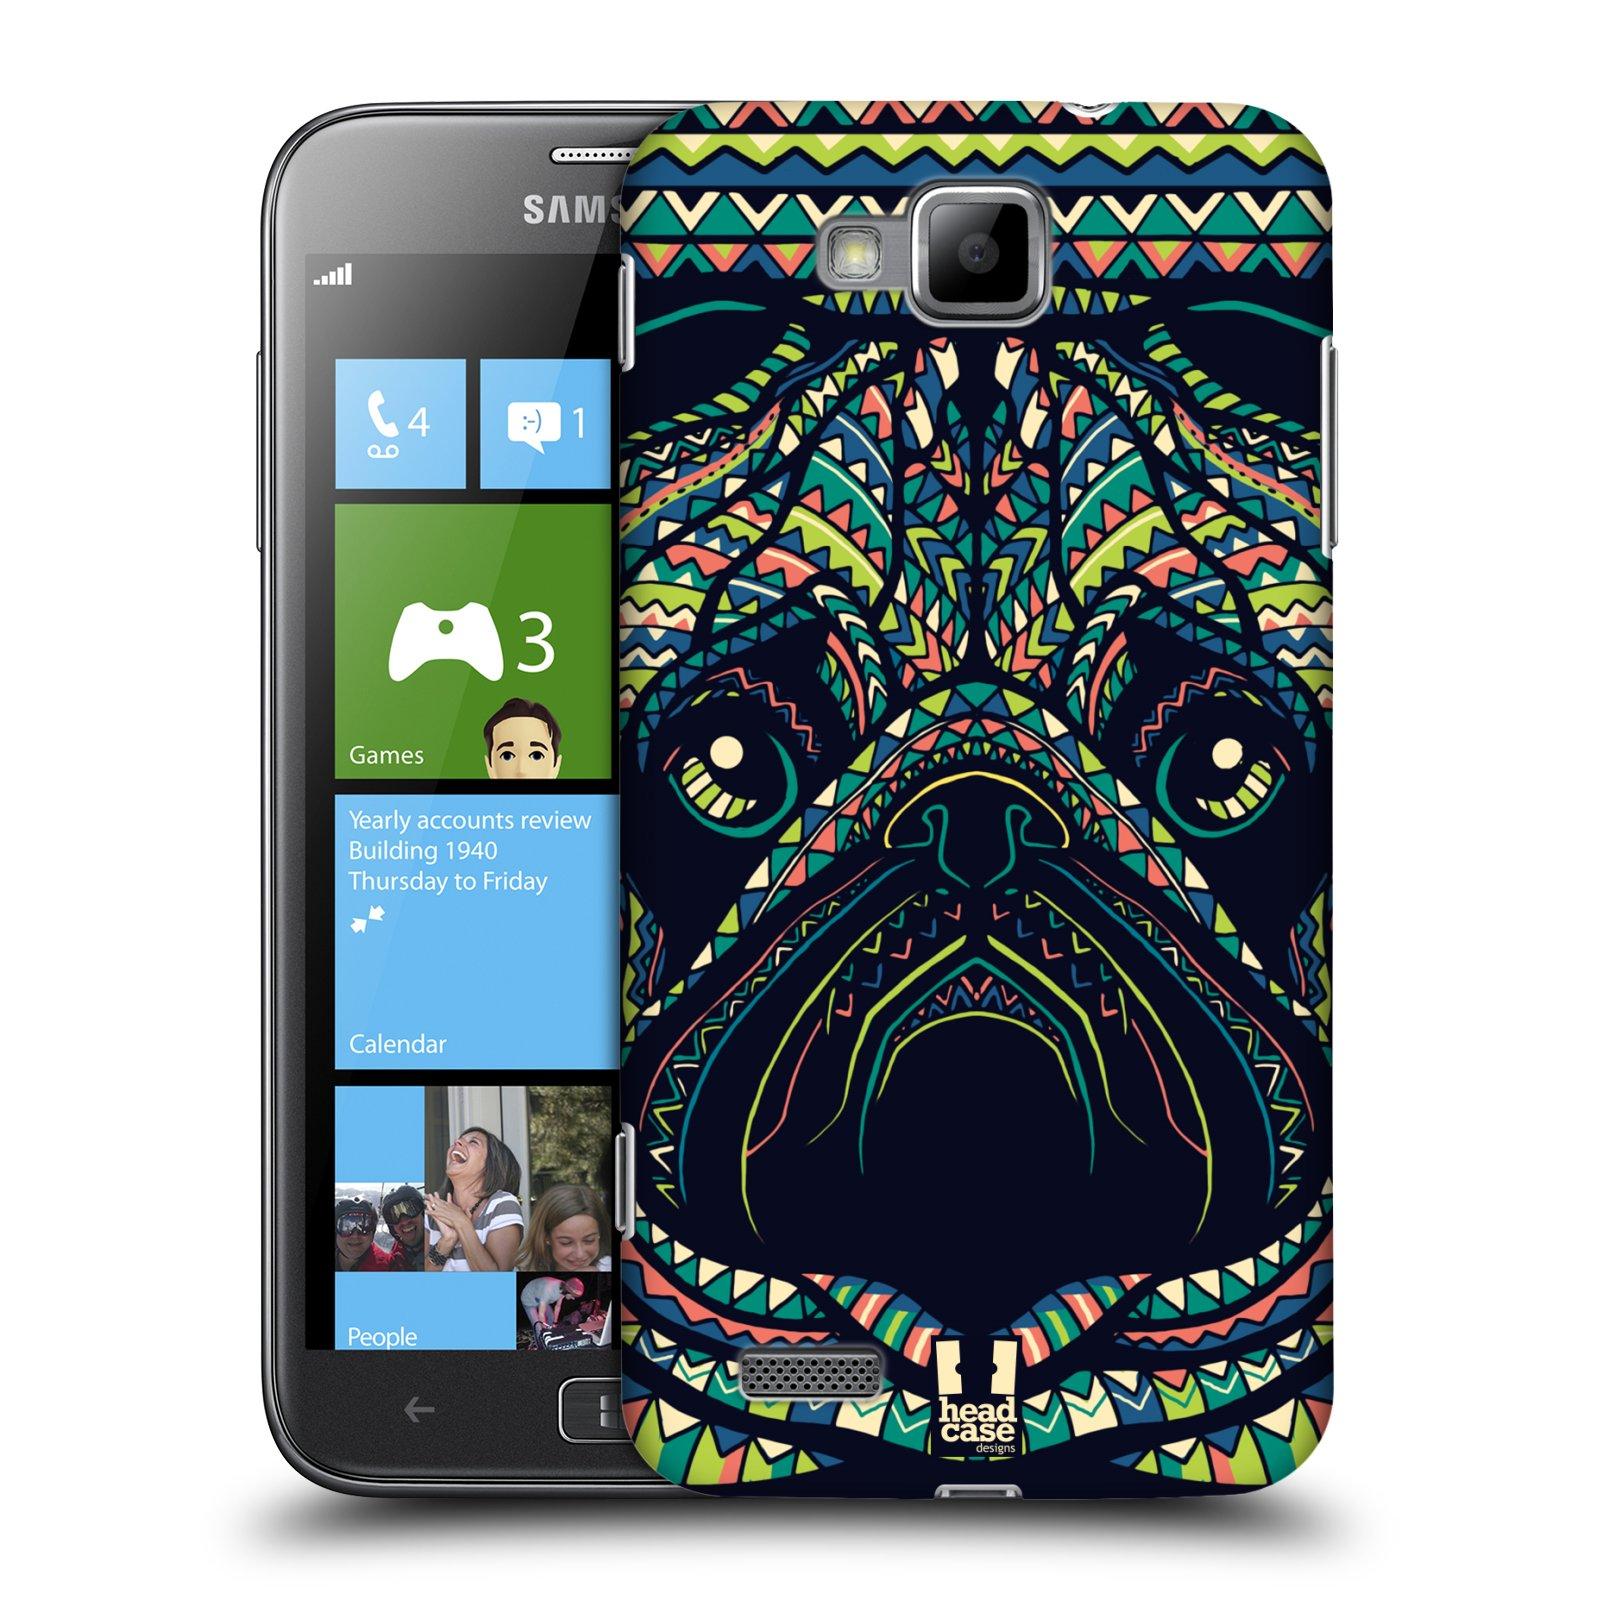 HEAD CASE plastový obal na mobil Samsung ATIV S vzor Aztécký motiv zvíře 3 mopsík